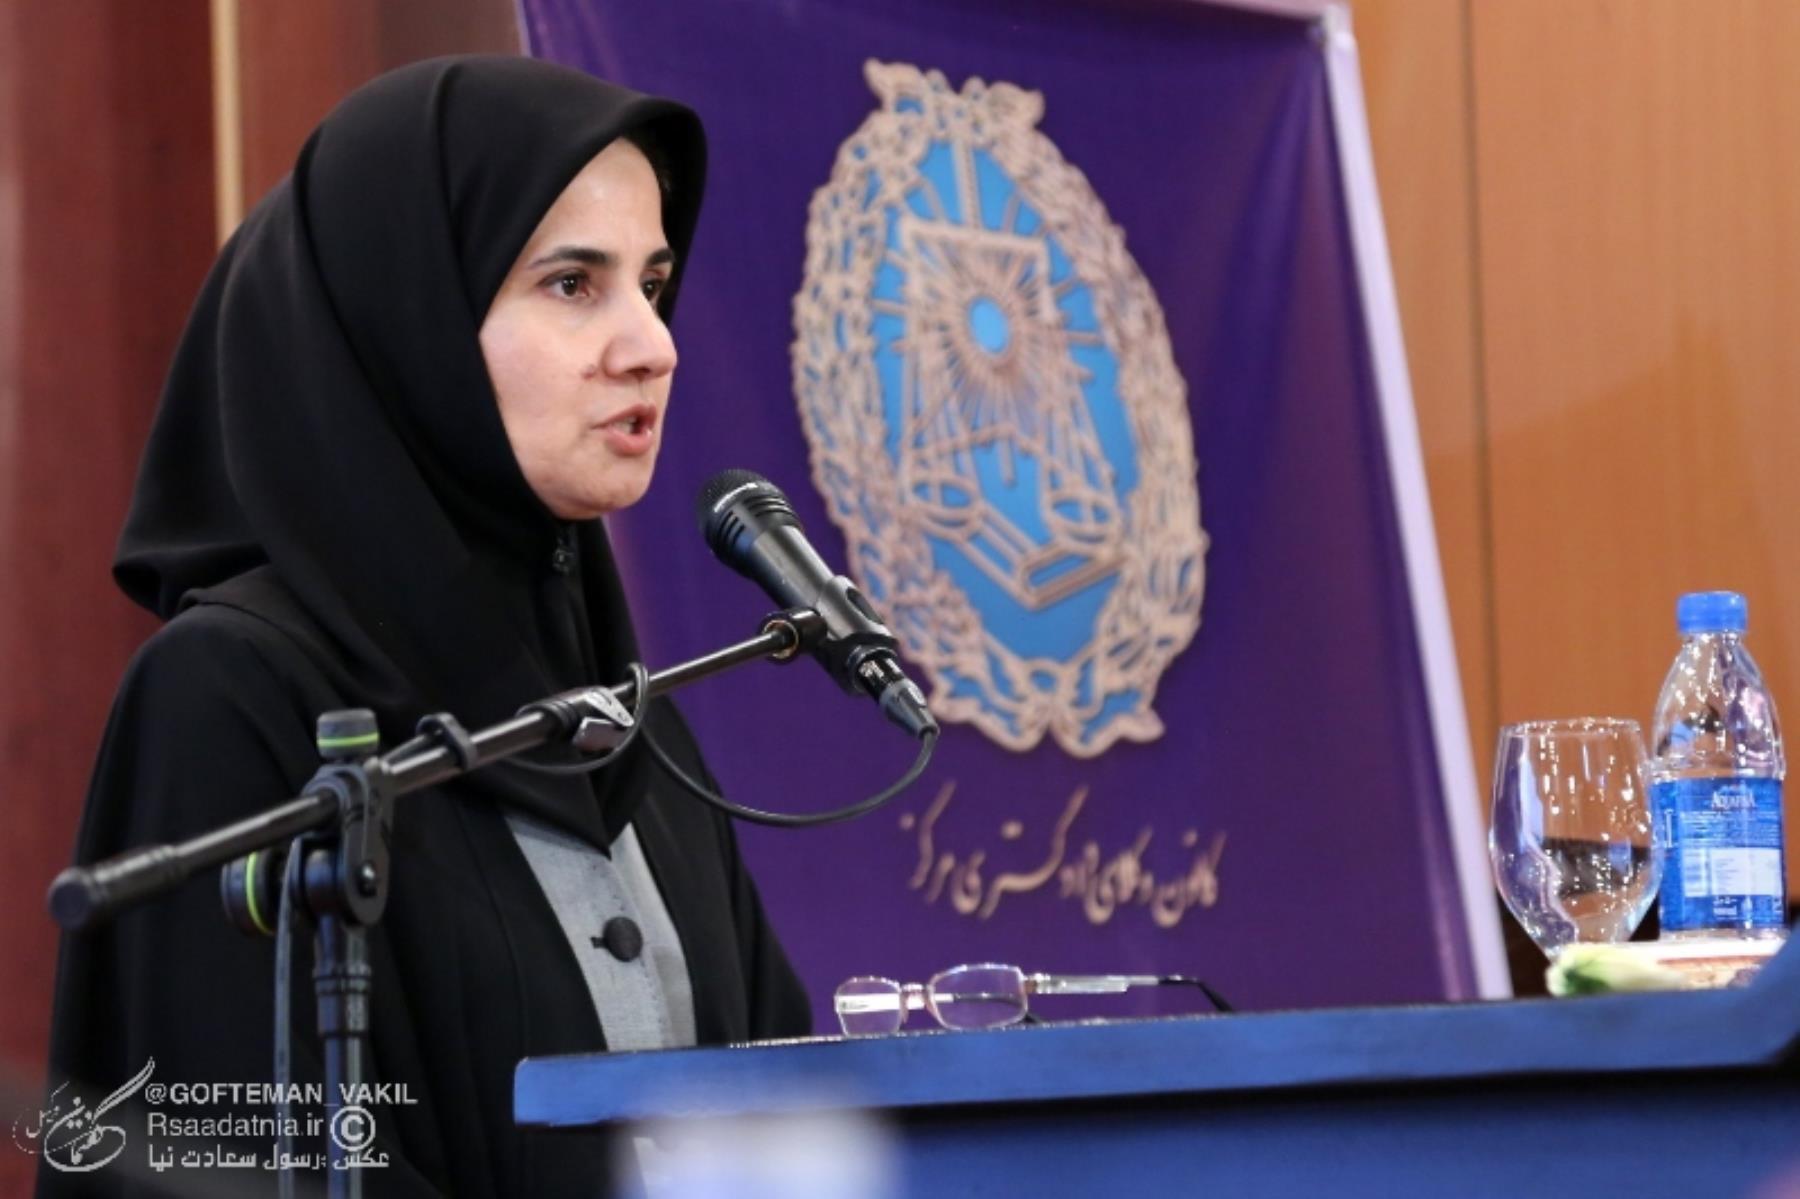 لعیا جنیدی معاون حقوقی رئیس جمهور